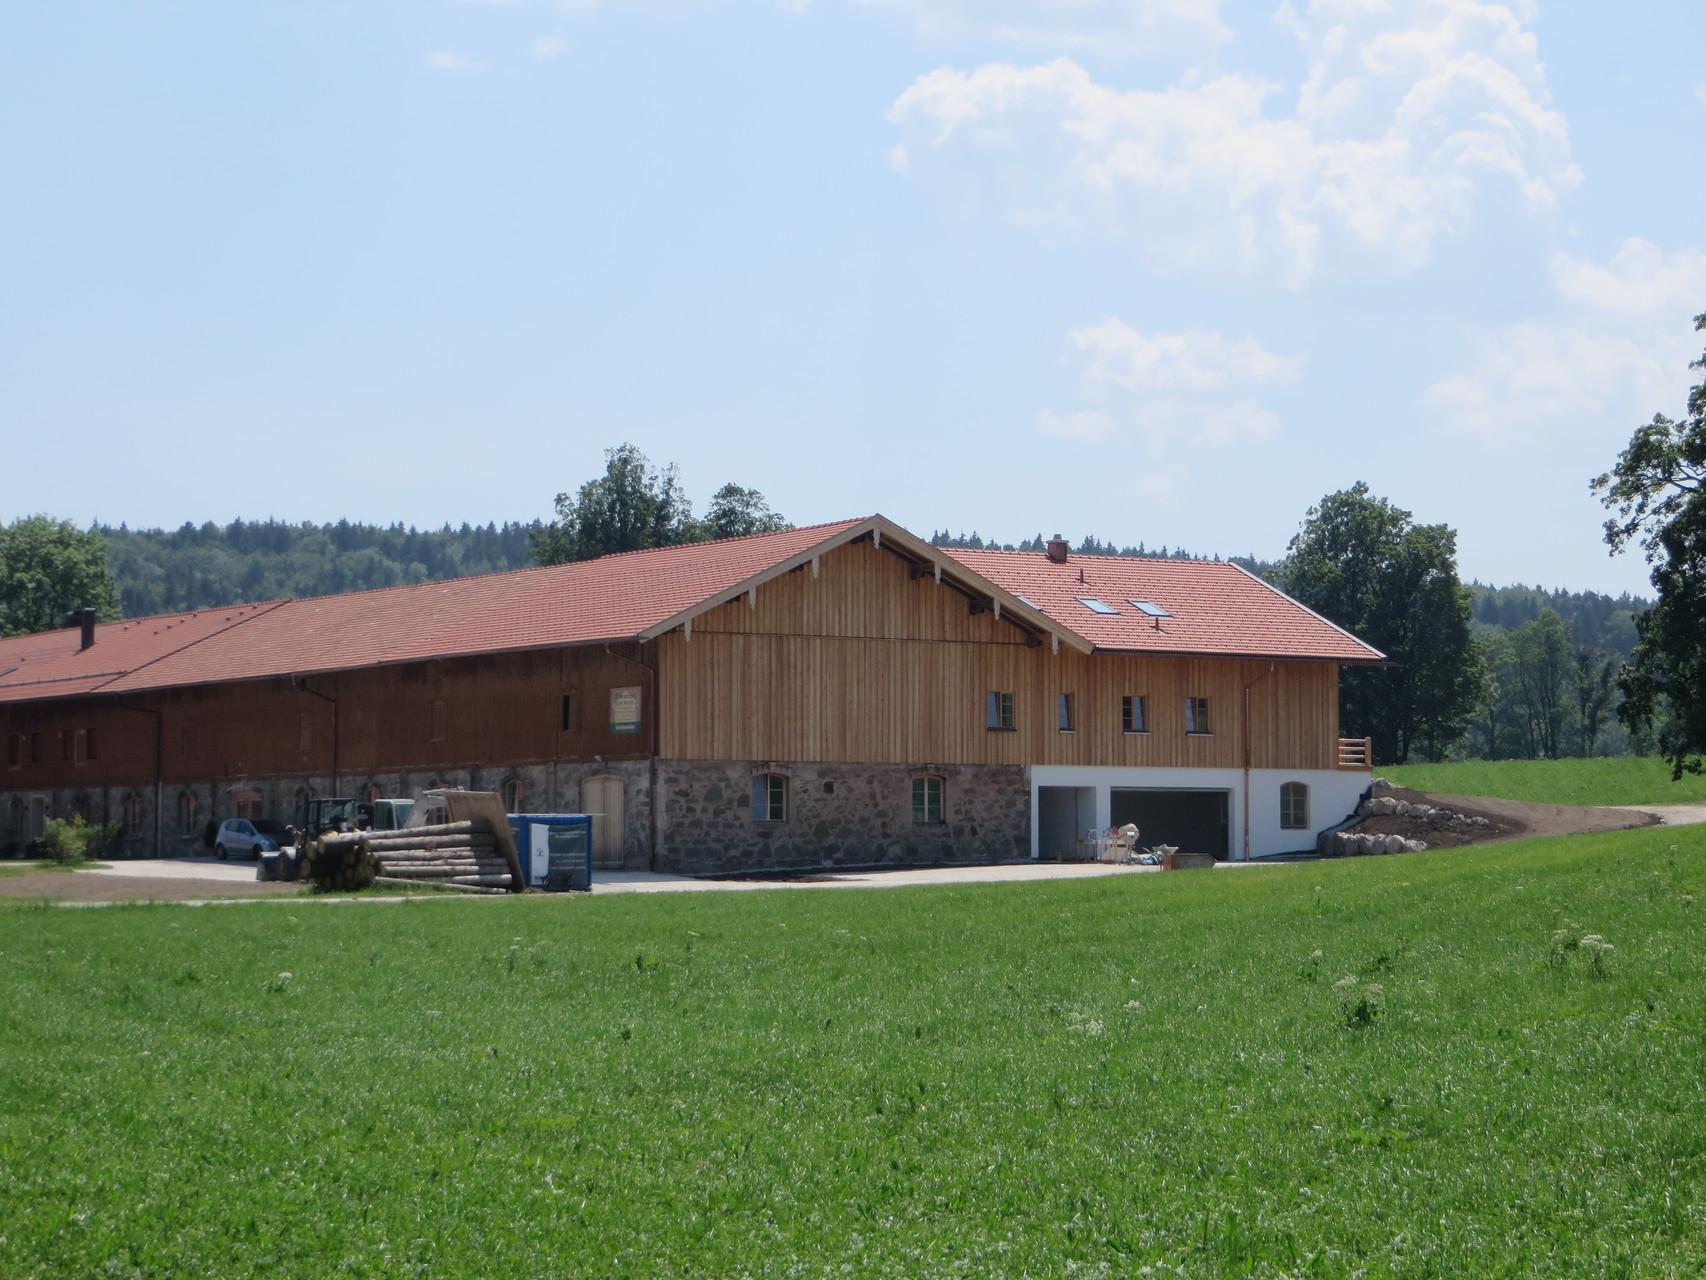 Anbau in Massivholzhaus an landwirtschaftl. Gebäude, Gmund-Finsterwald 2014/2015